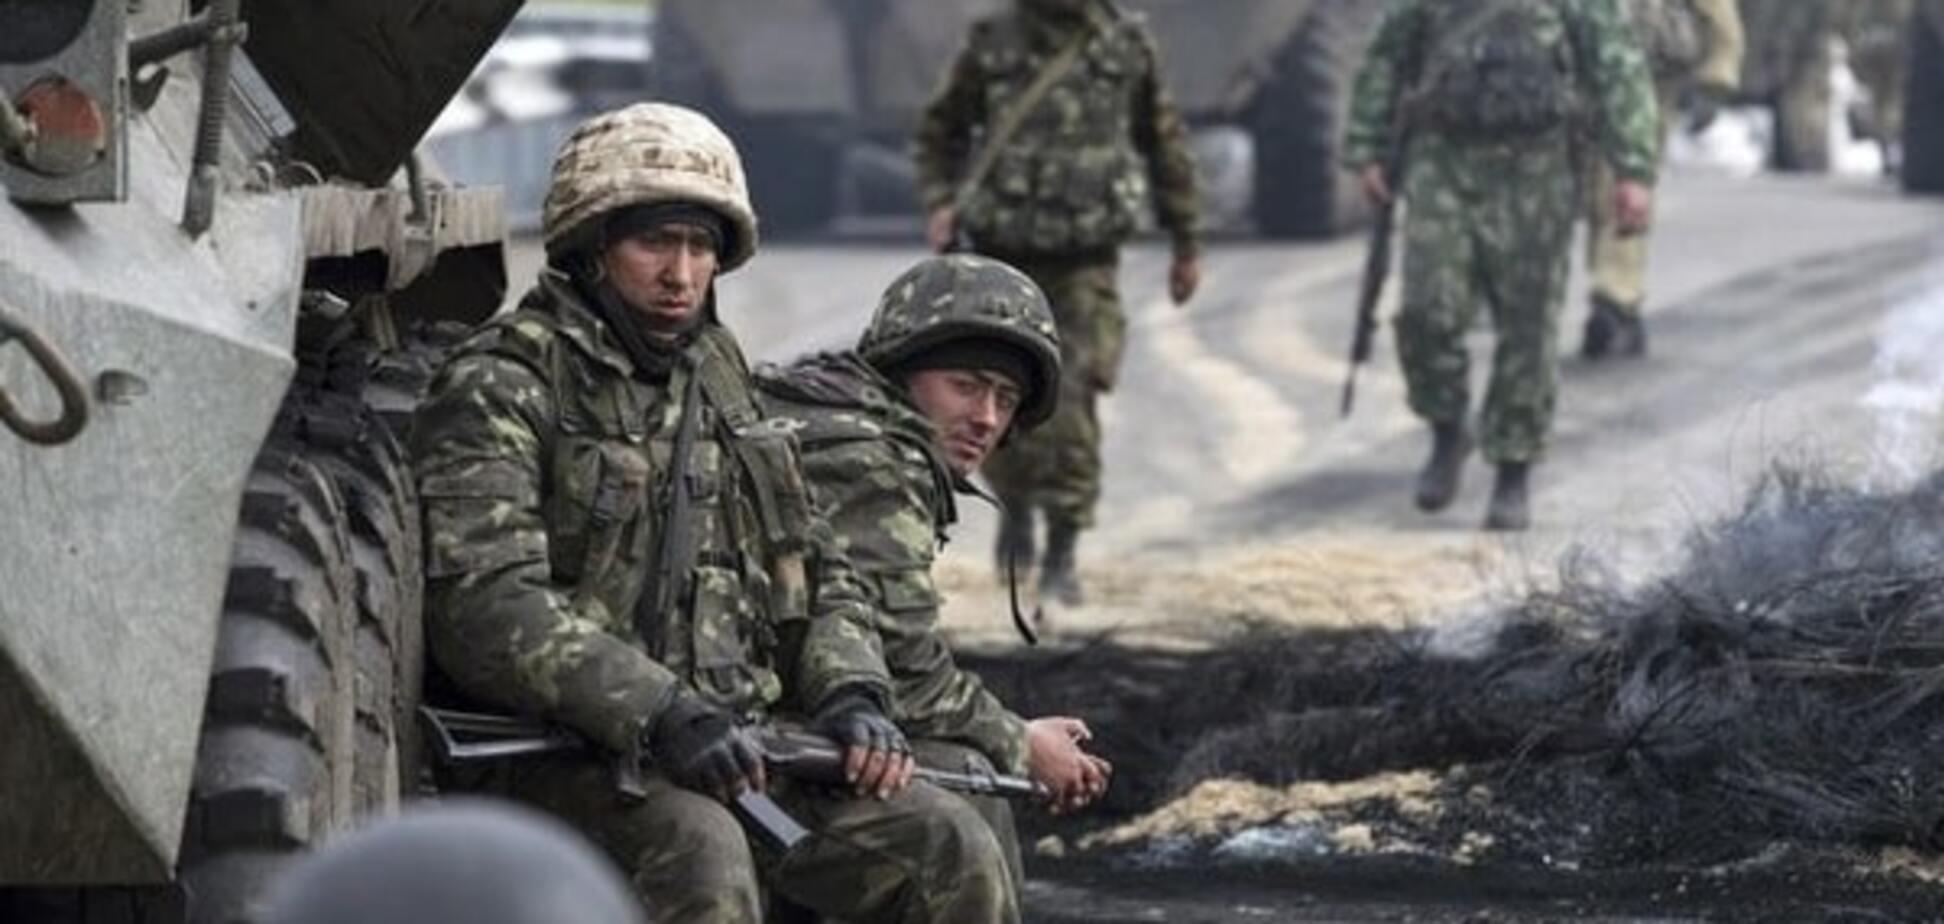 Точка кипіння: ОБСЄ заявила про рекордну ескалацію на Донбасі